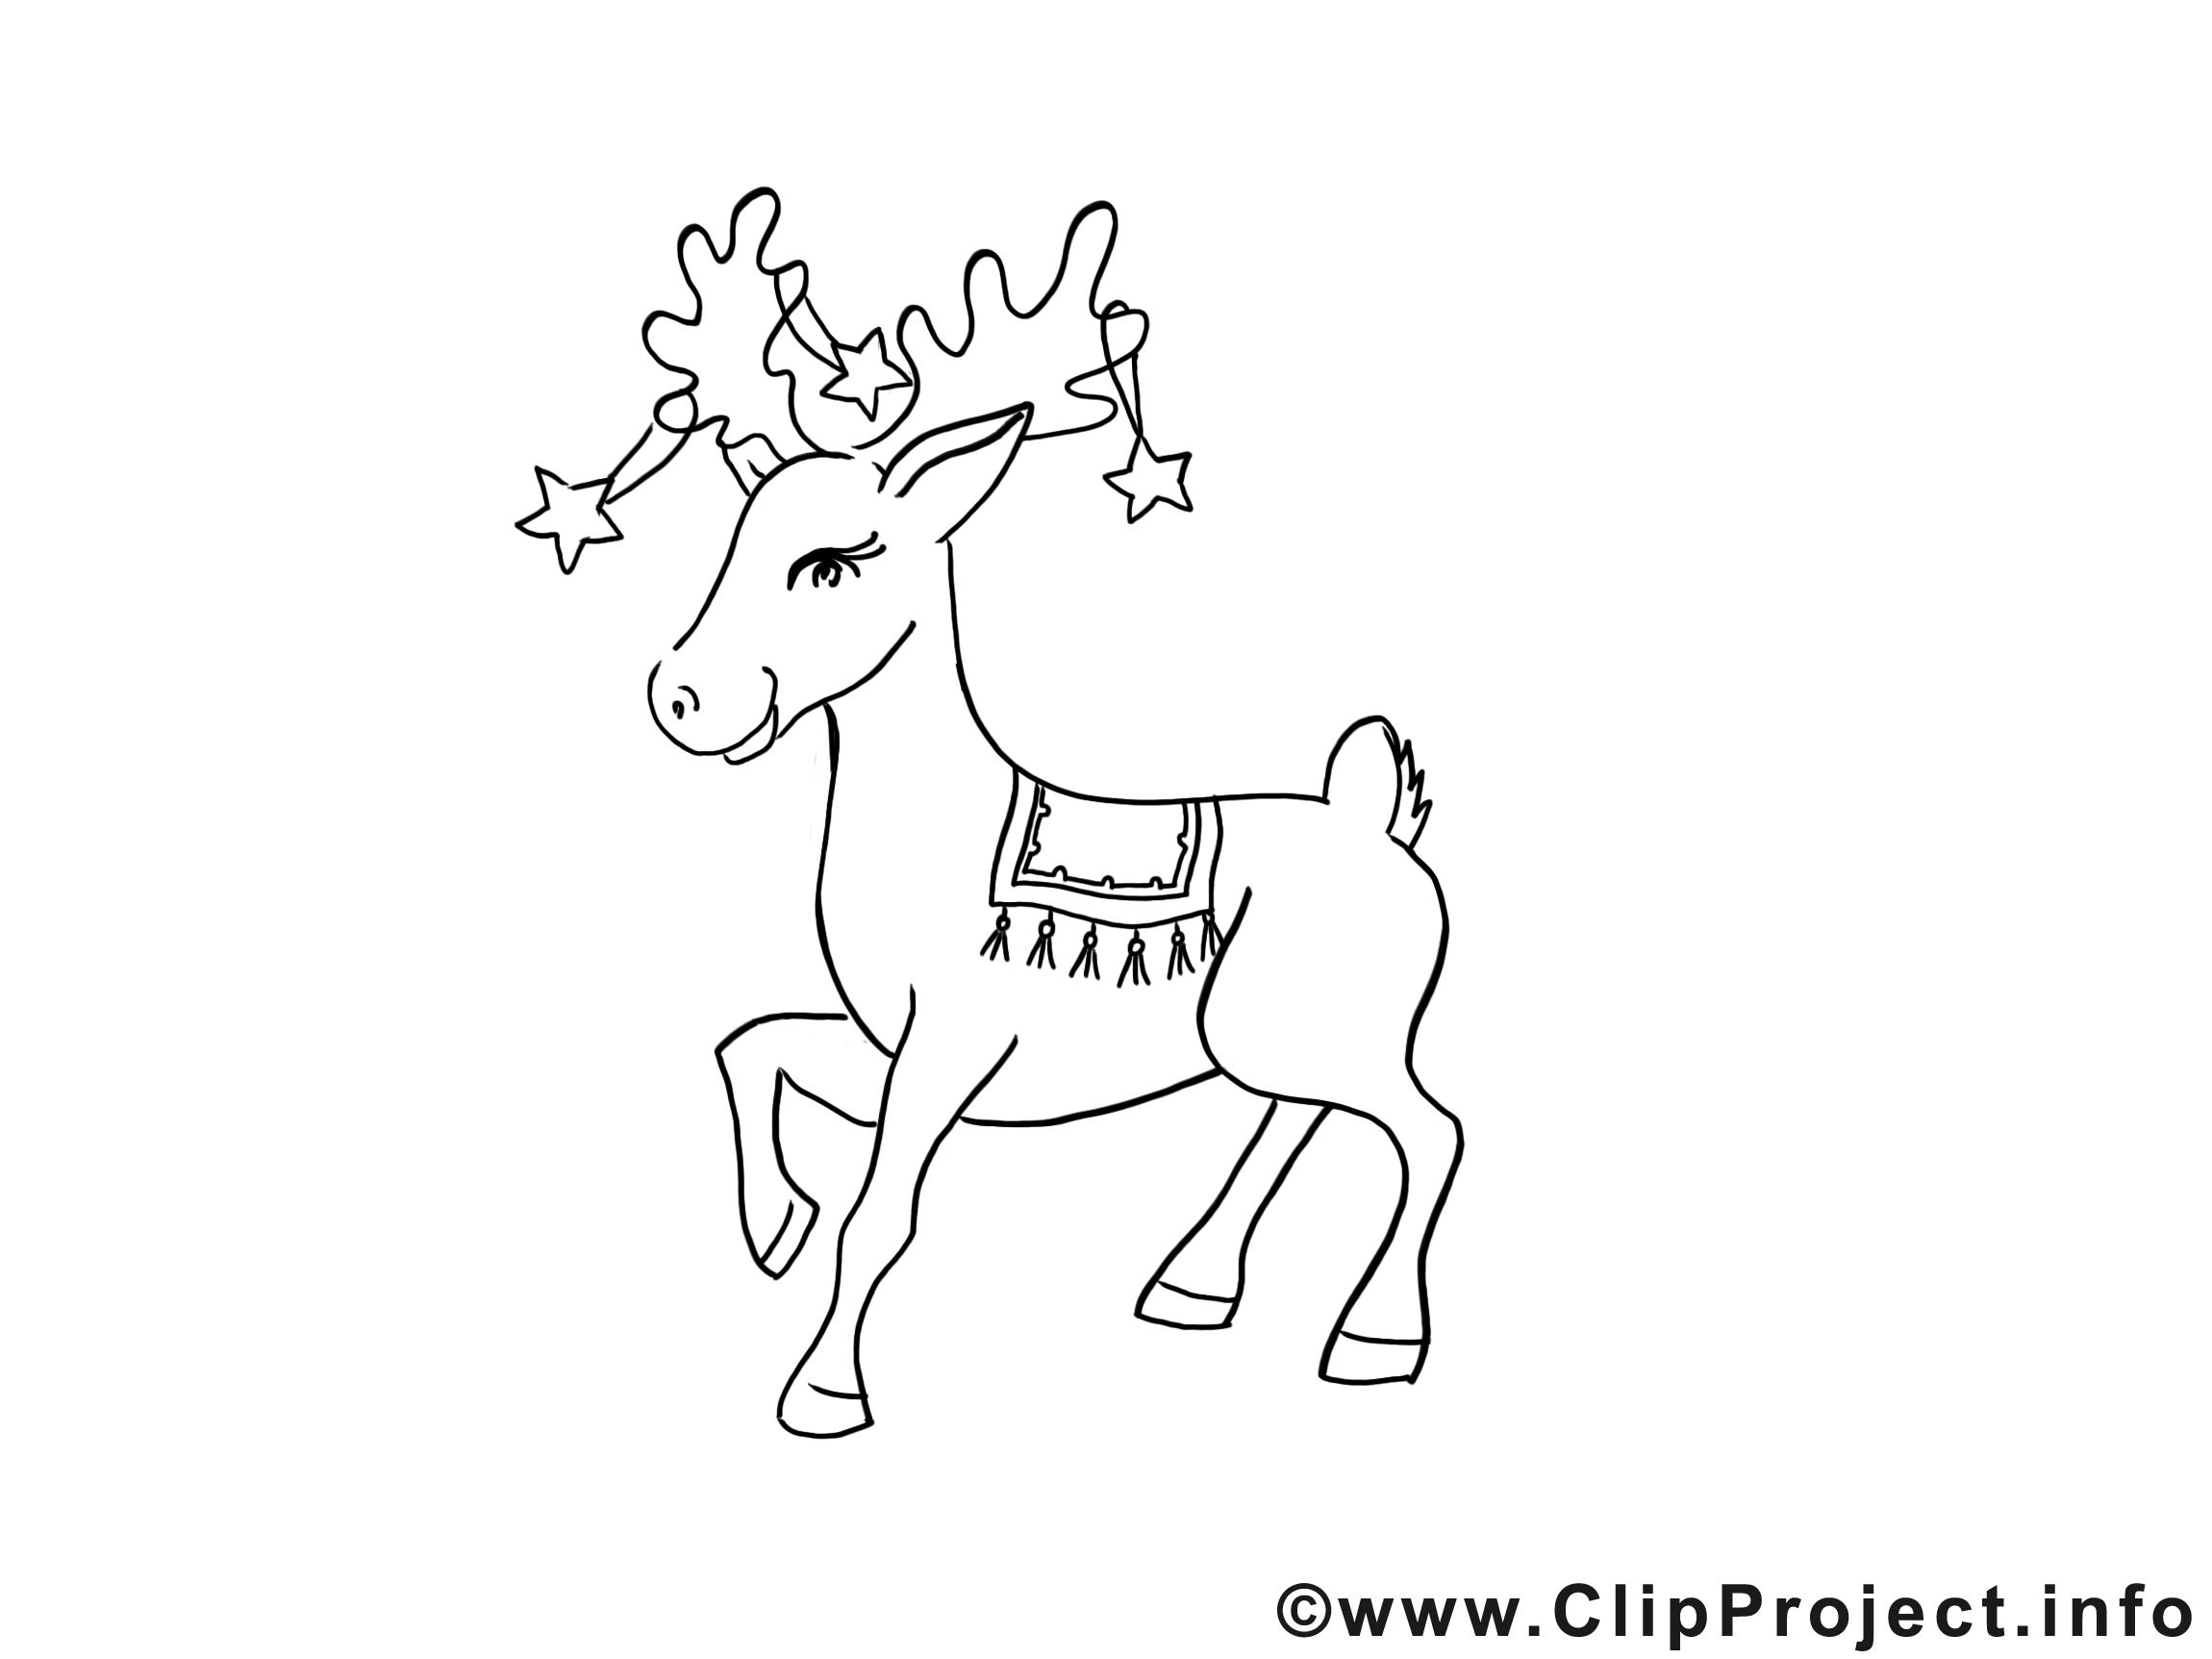 Malen für Kindern - Reh zu Weihnachten | coloring 2 | Pinterest ...